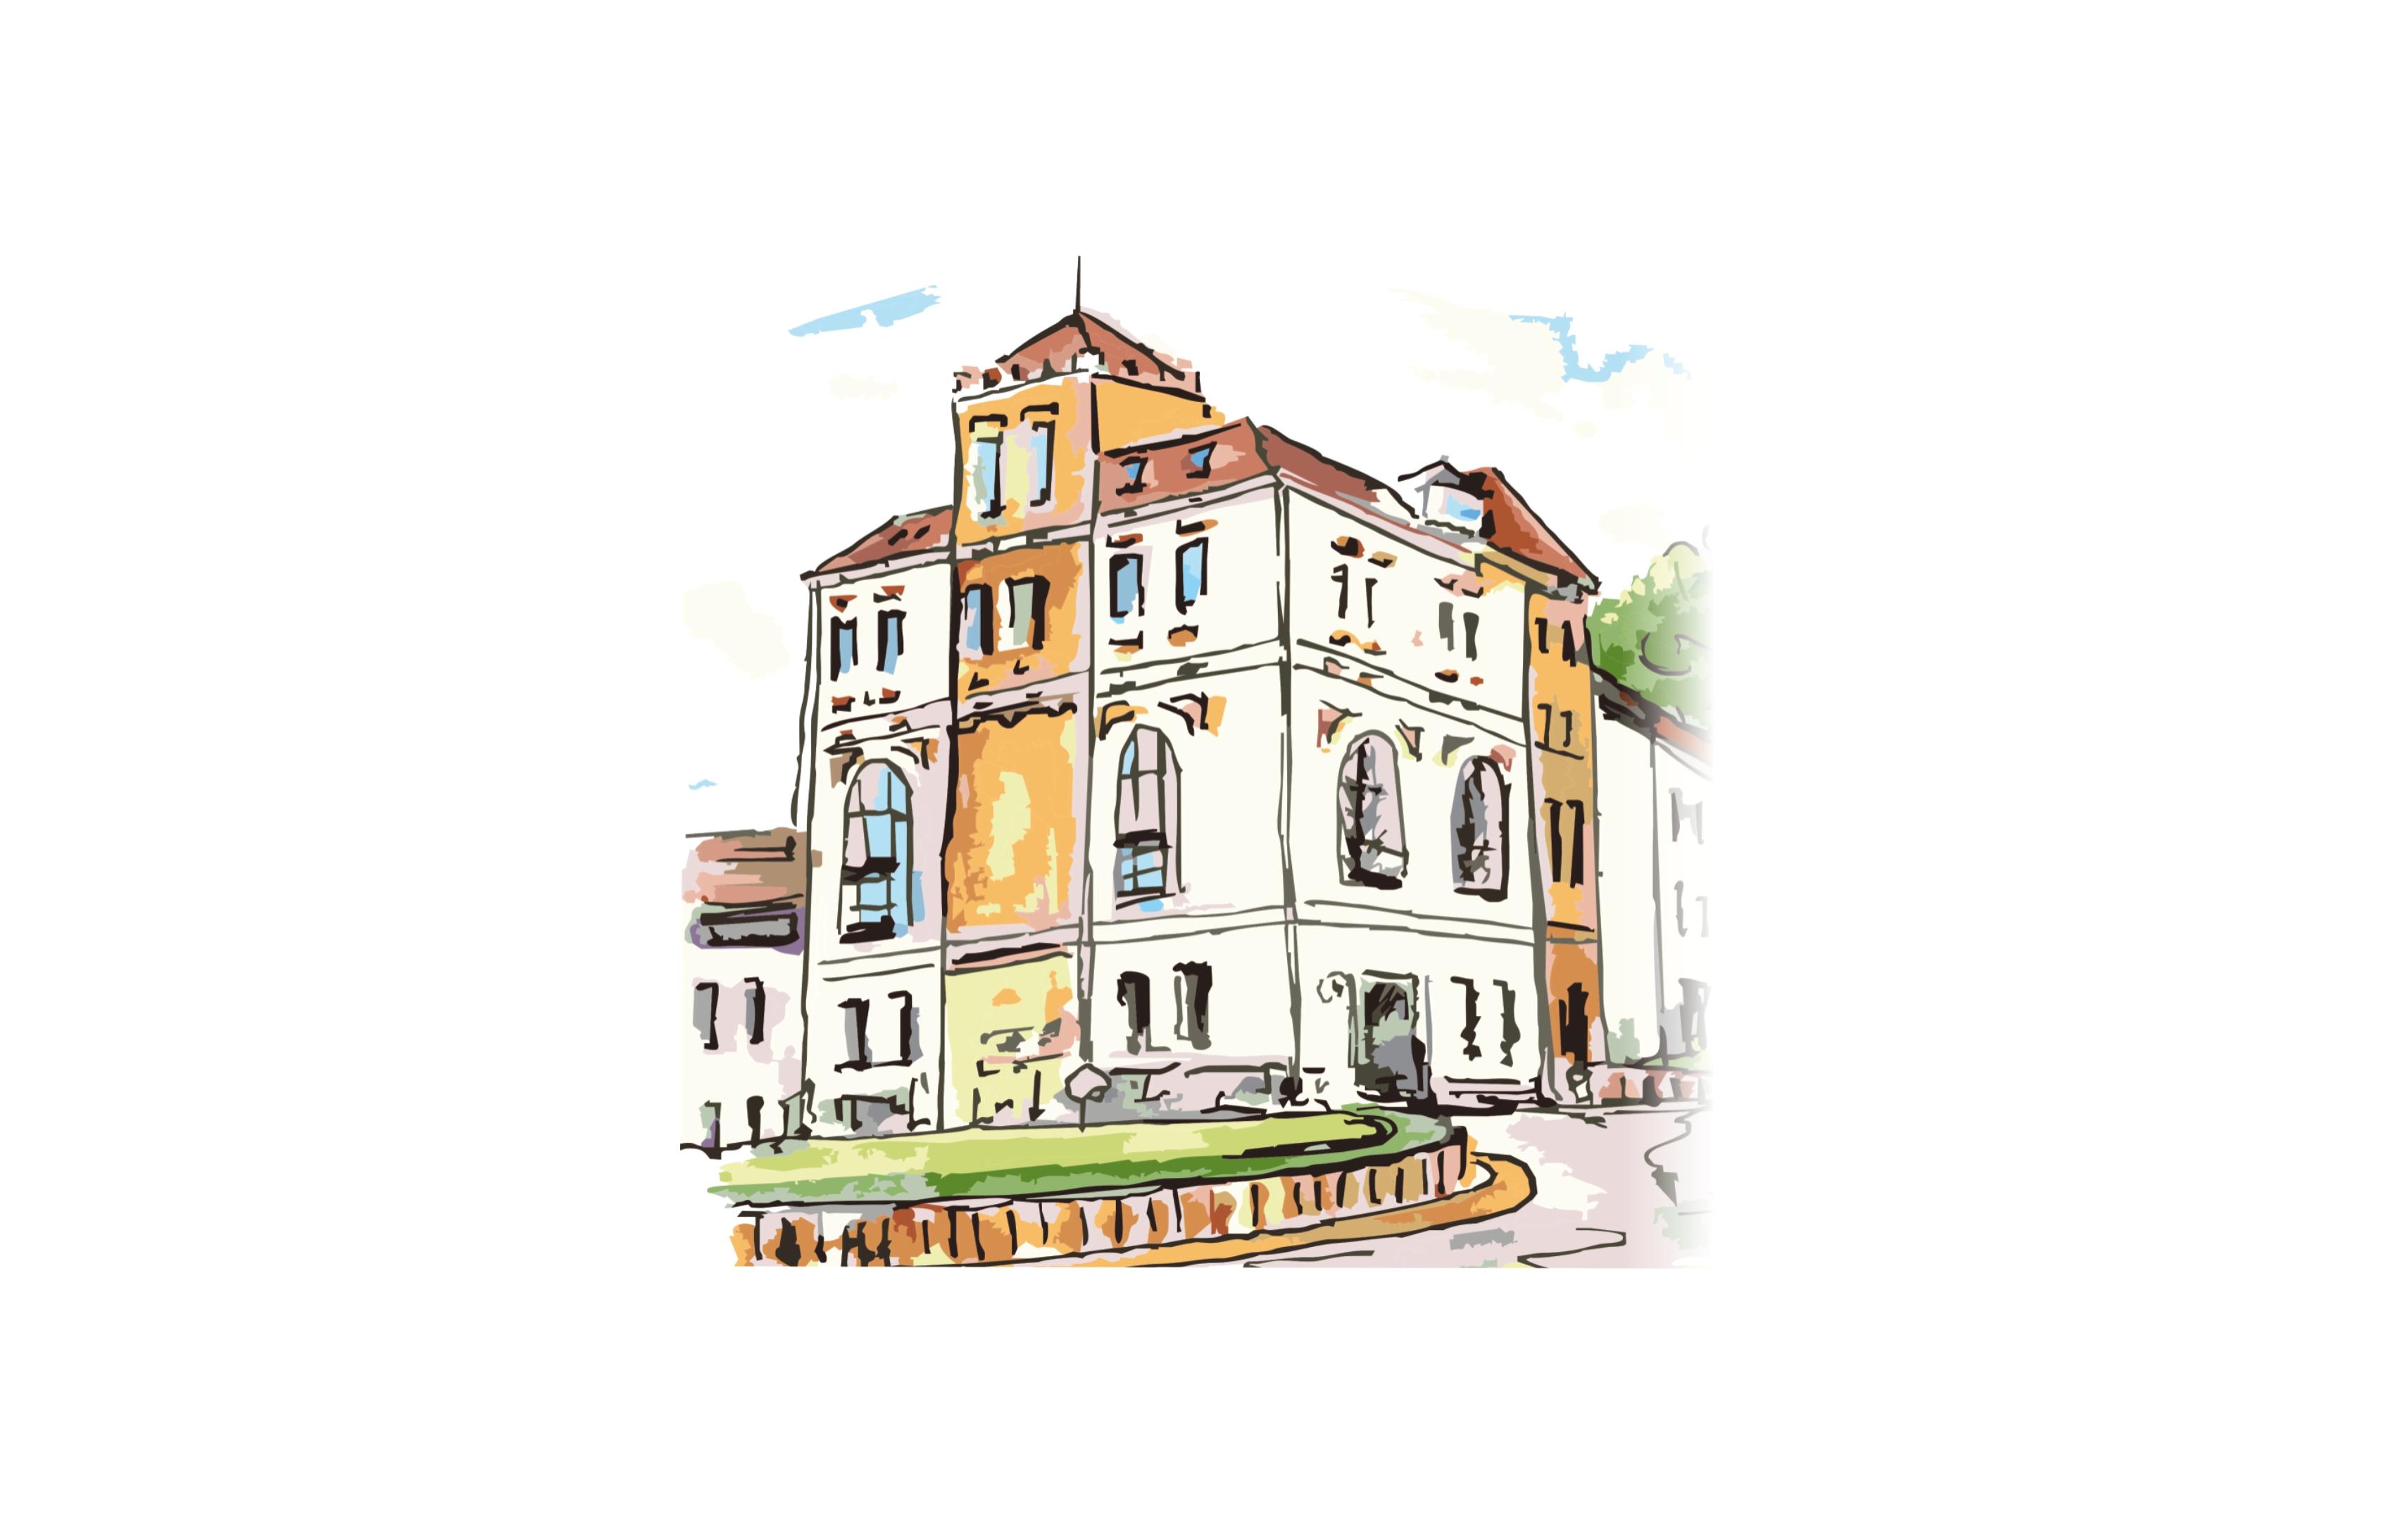 rysunek przedstawiający budynek Starostwa Powiatowego w Limanowej